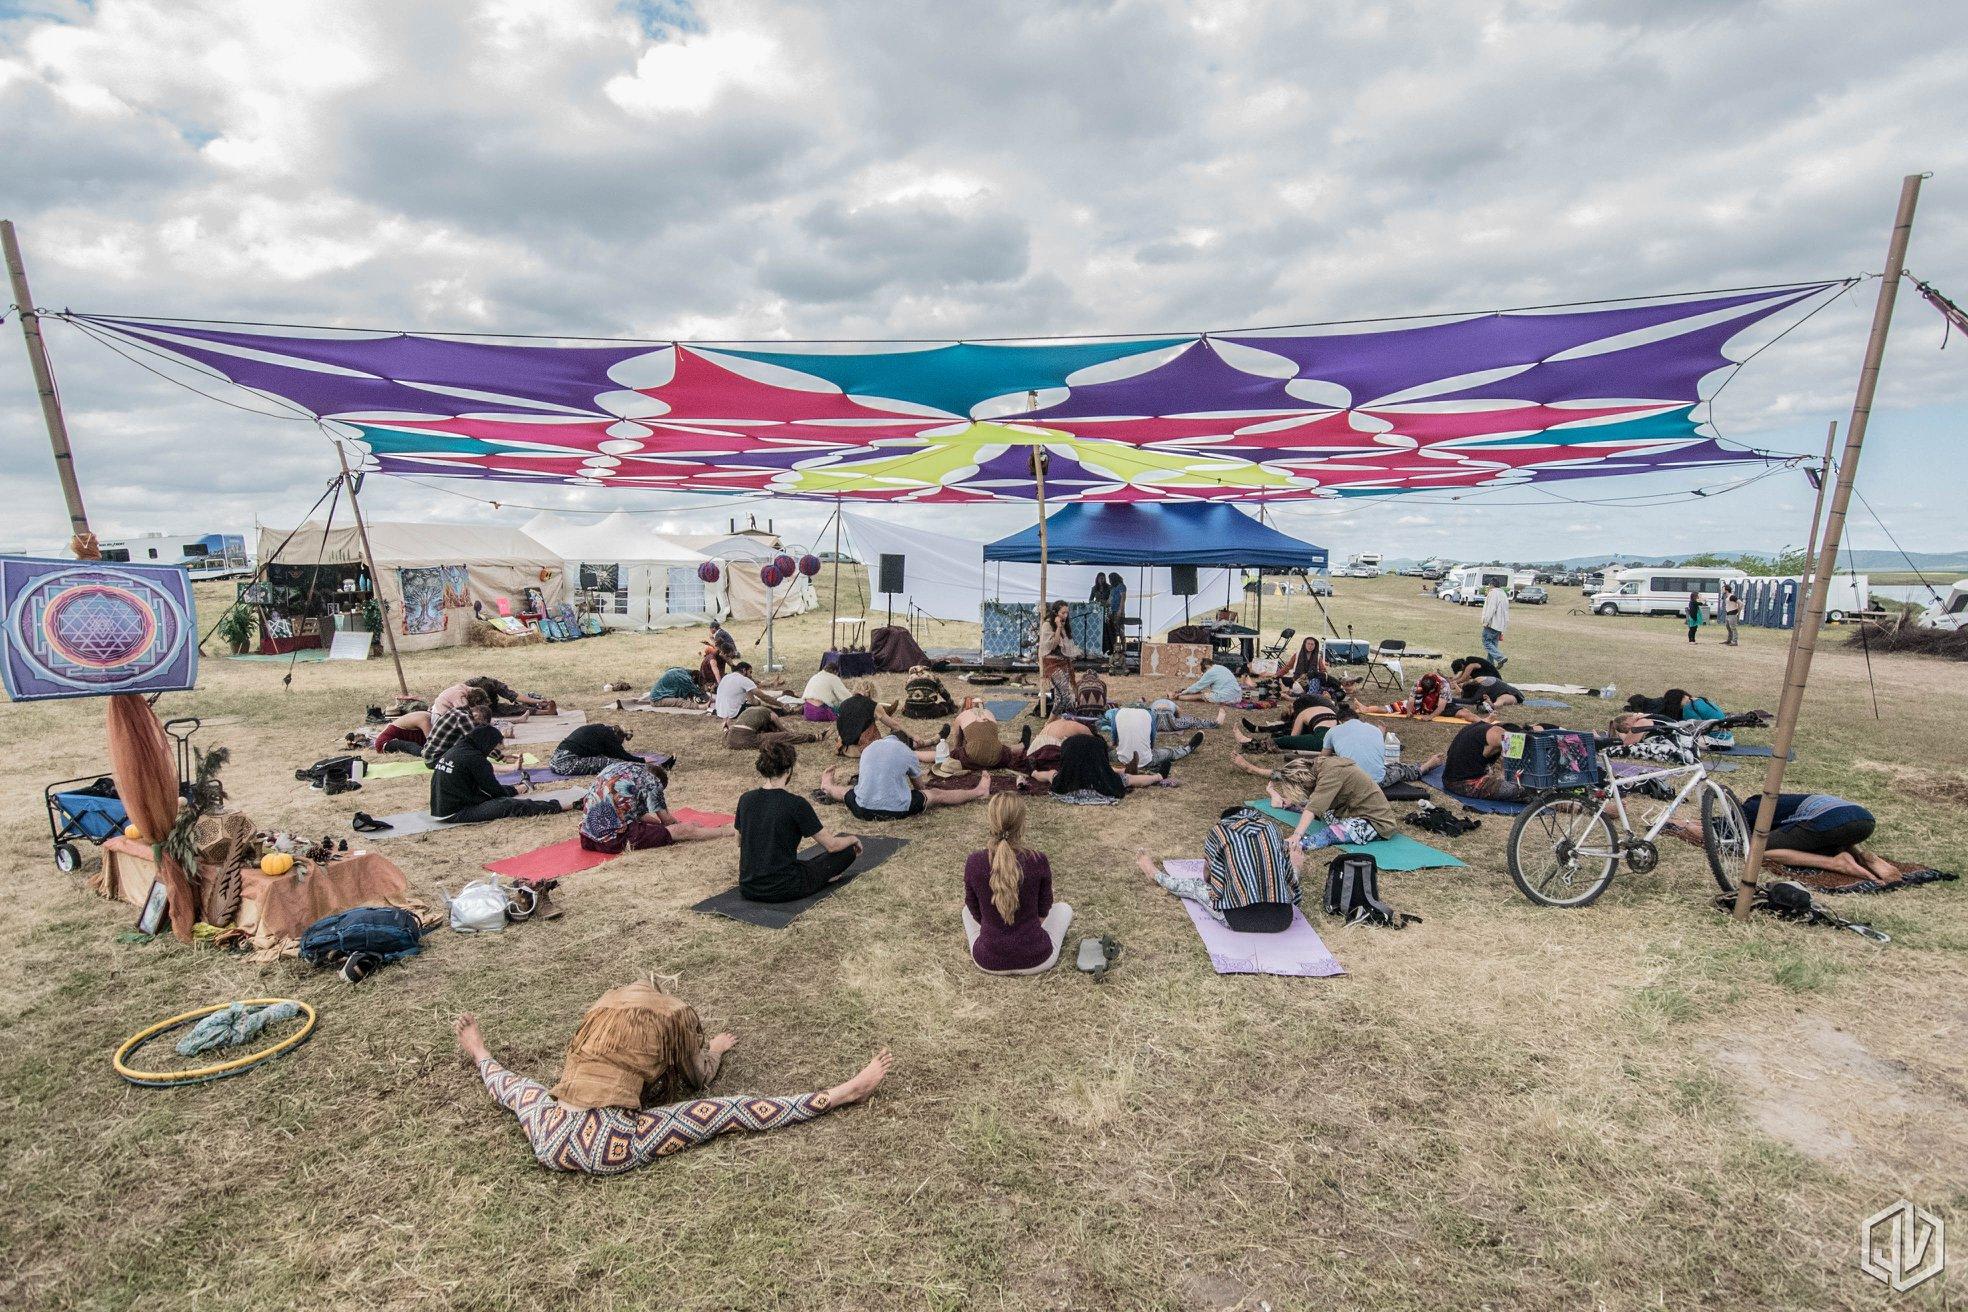 Serenity Gathering 2018